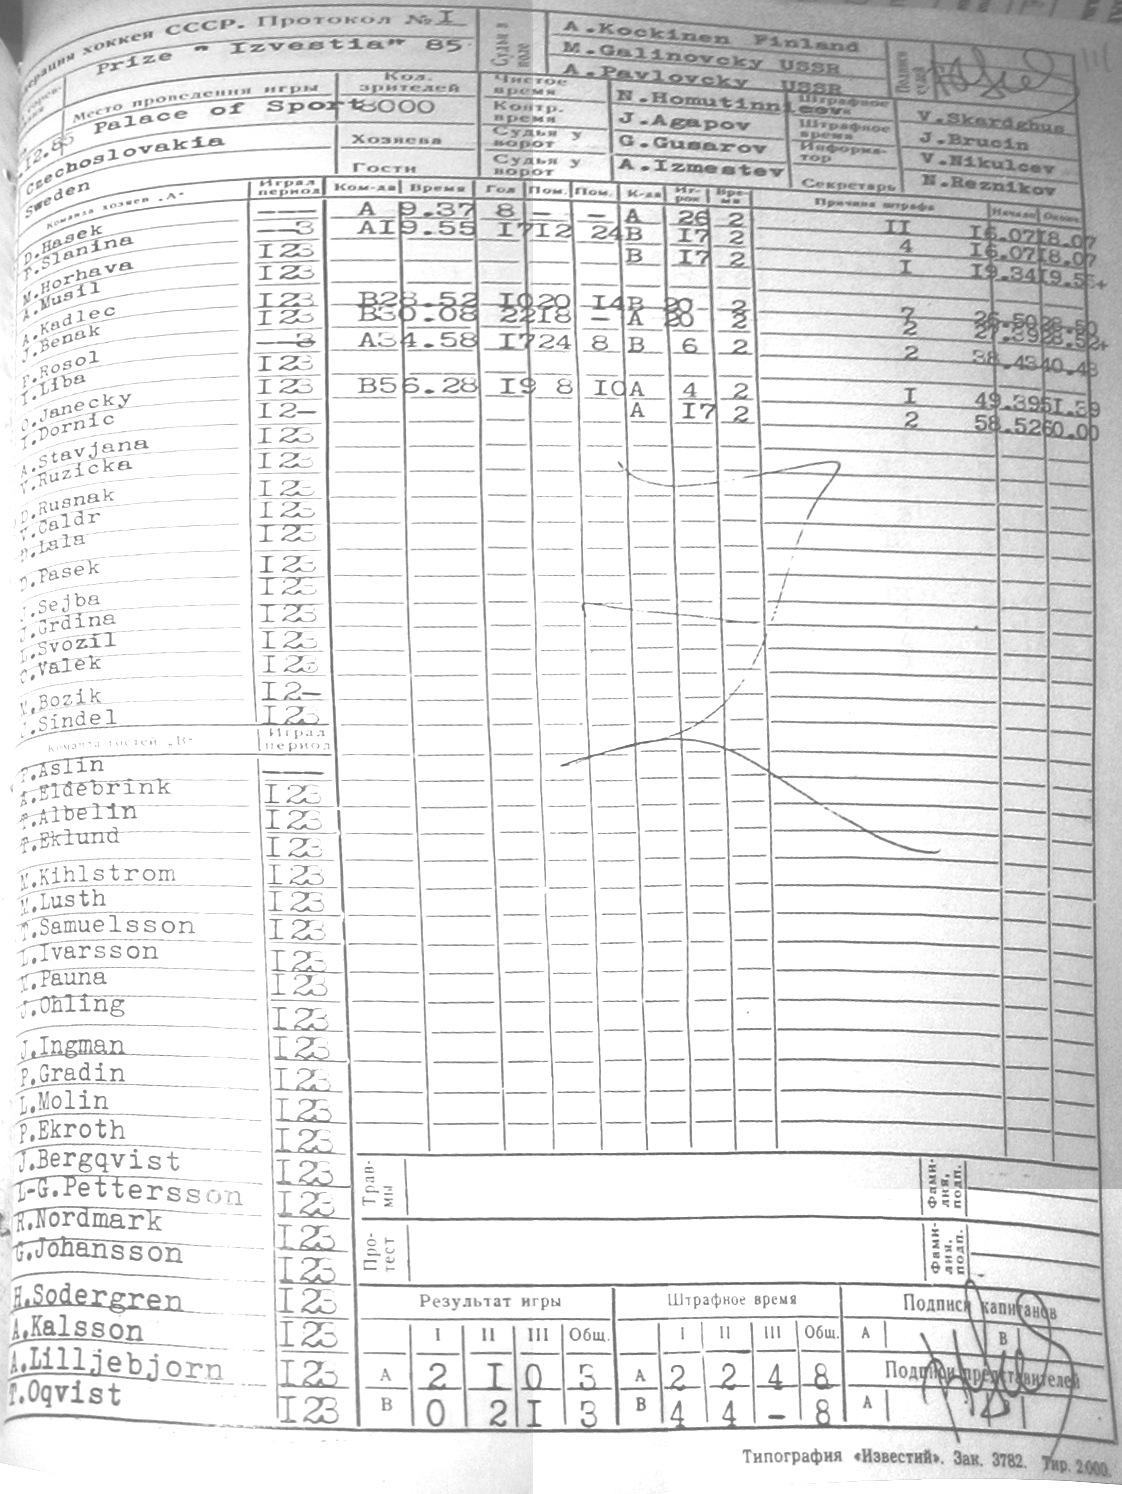 Izv 1985 Czech-Swe.JPG